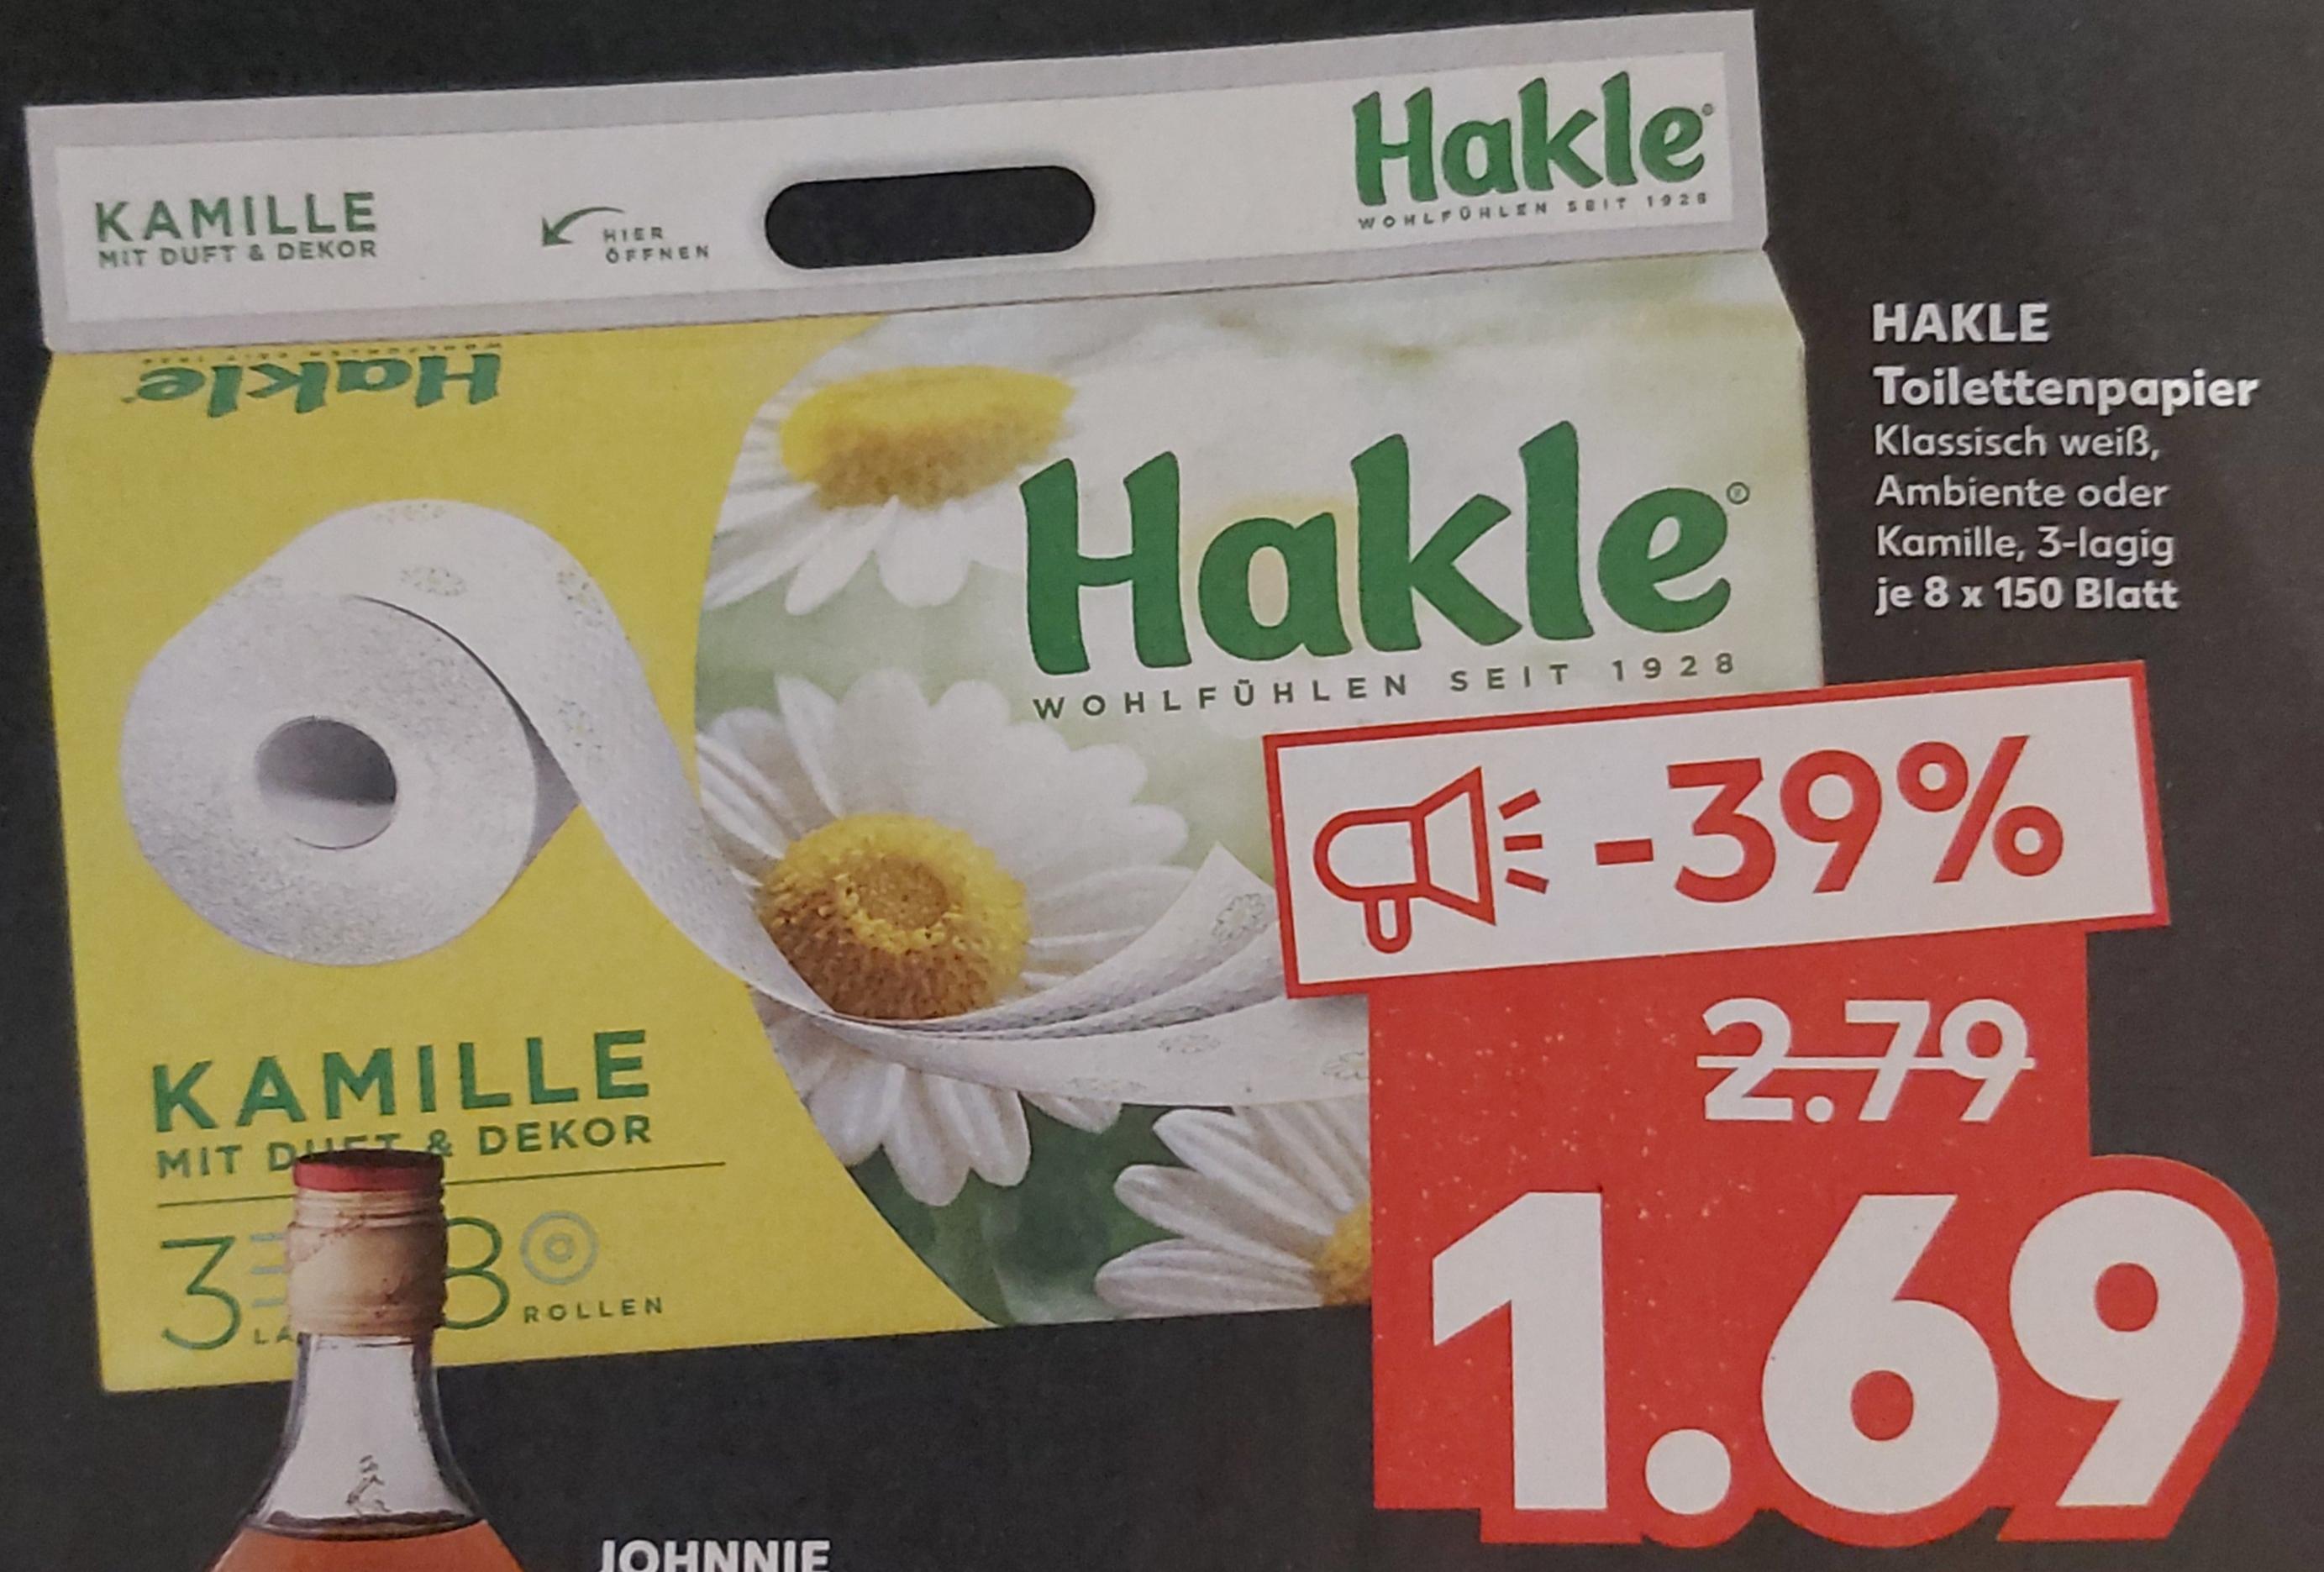 [ Kaufland ] HAKLE Toilettenpapier 8*150 Blatt klassisch weiß, Ambiente oder Kamille